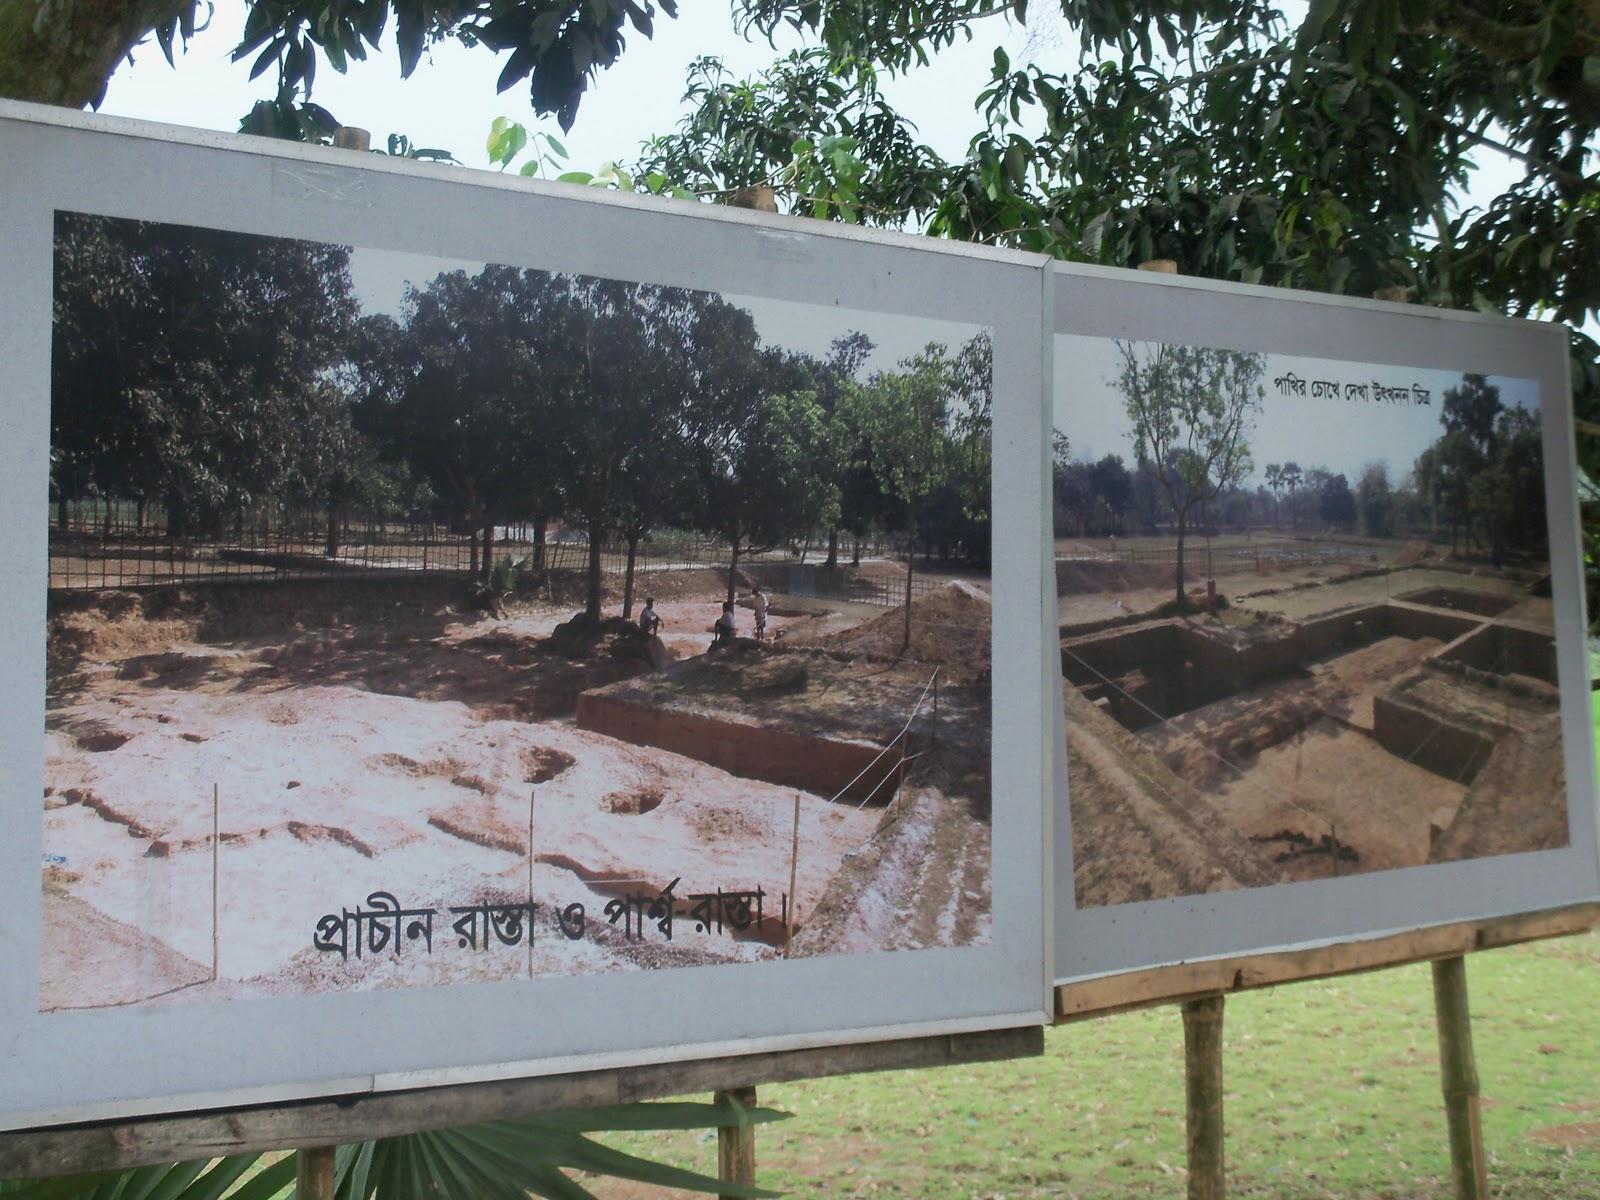 wariBateshwar-belabo-narsingdi-dhaka-tigertours-2822+%252841%2529.JPG